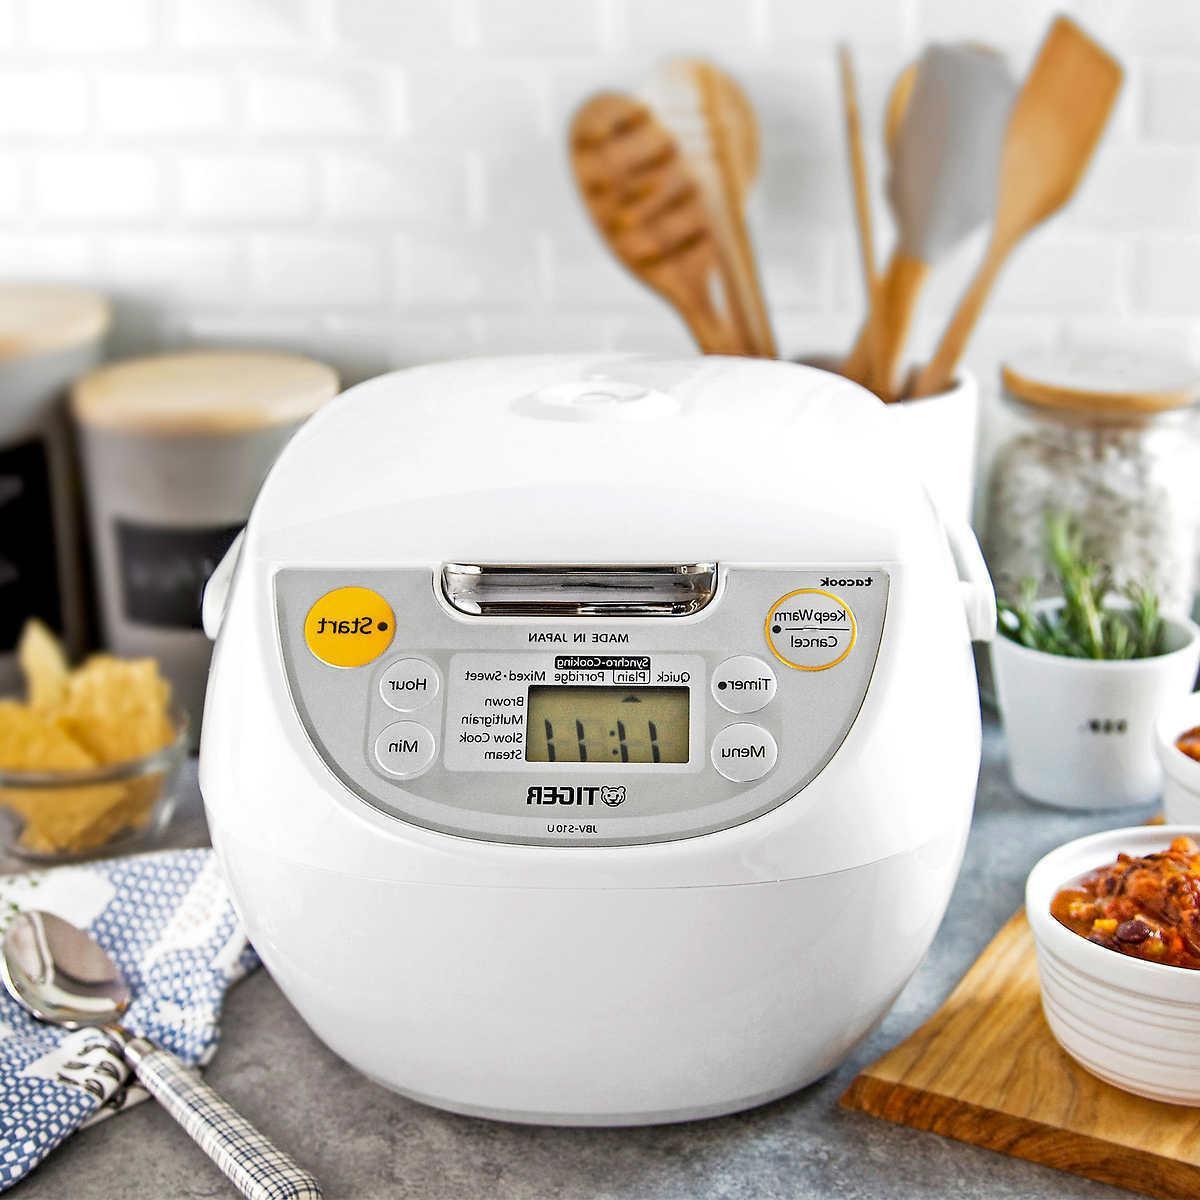 Tiger 5.5-Cup Micom Rice Cooker Made Japan Pot